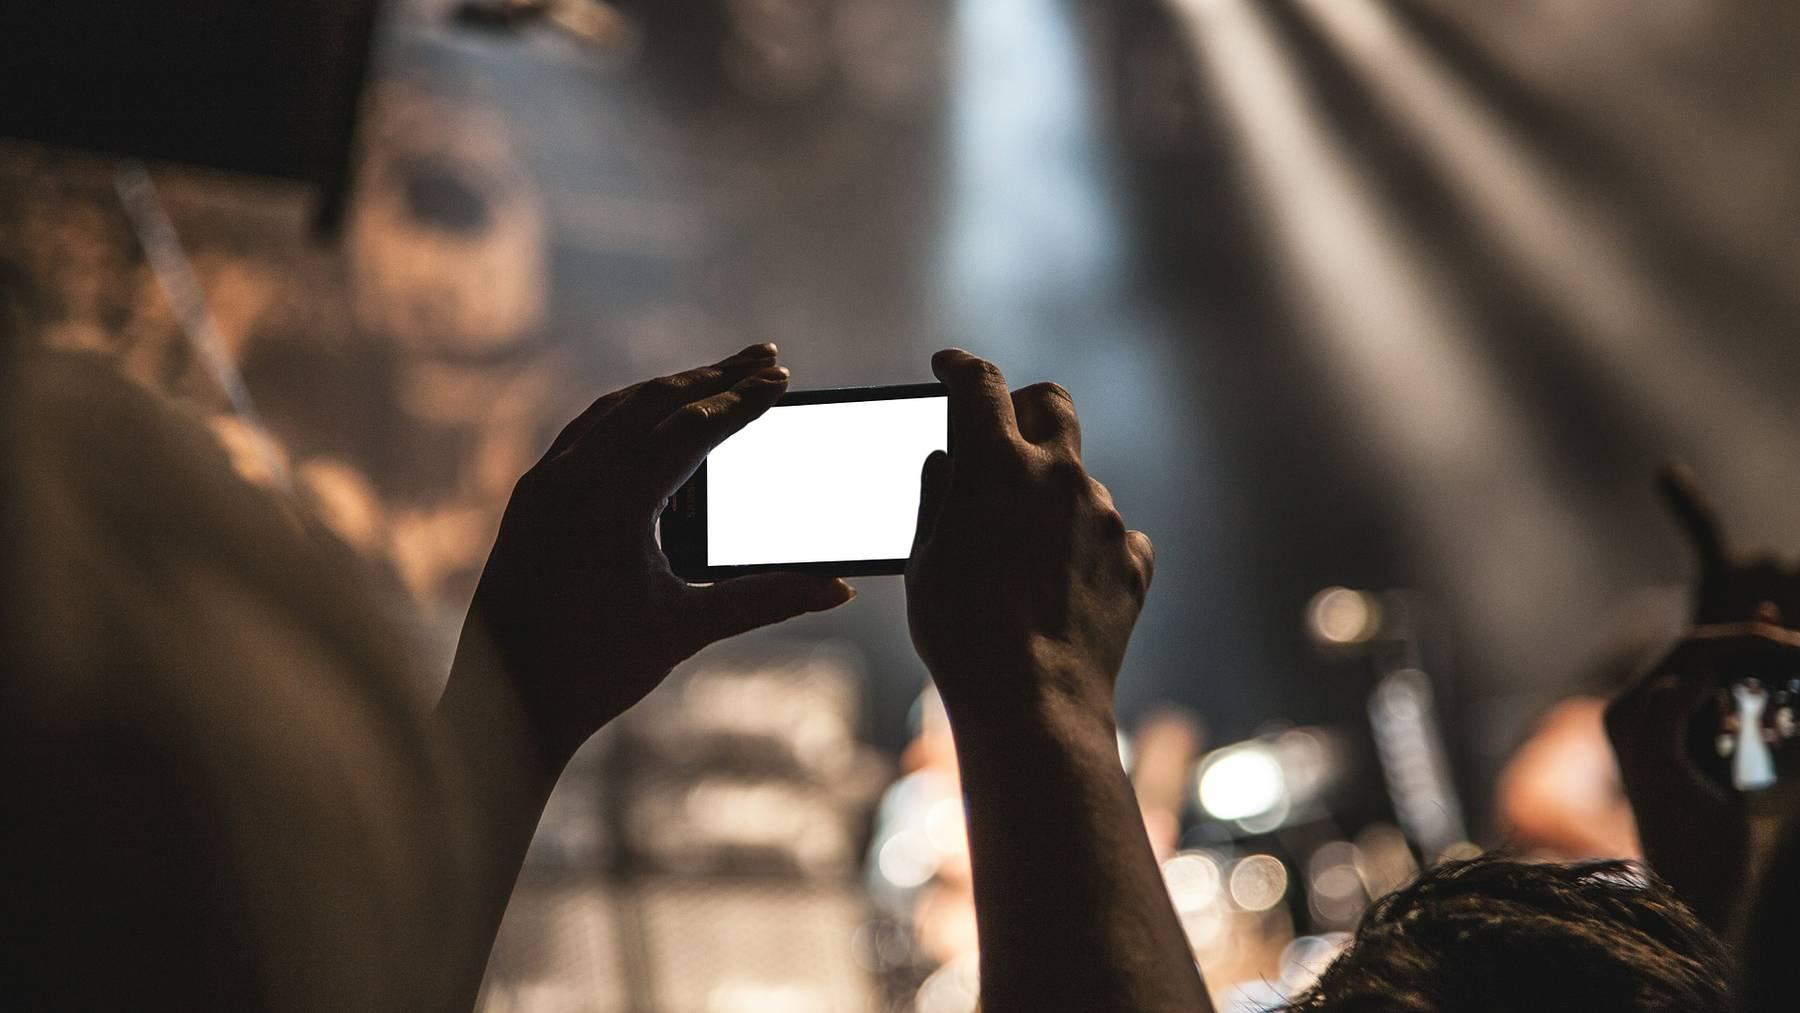 smartphone-407108_1920